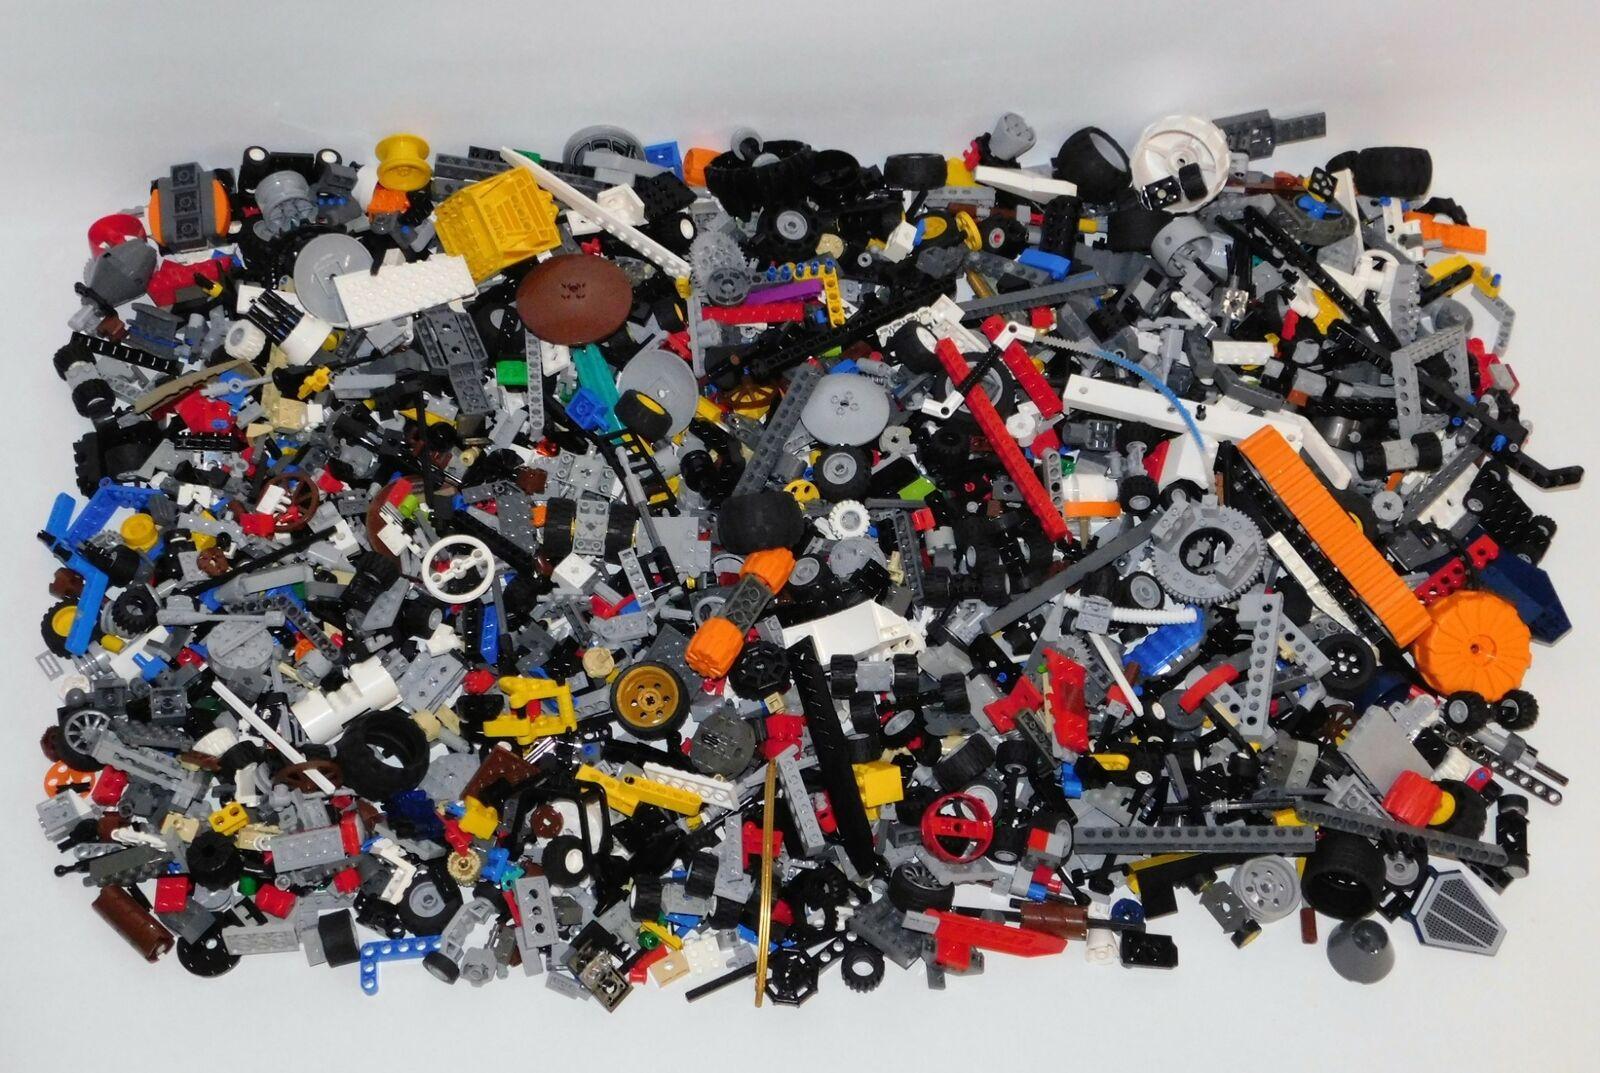 Bulk Lot 7+ Pounds LEGO Technic Assorted Parts, Wheels, Rods, Connectors, More C